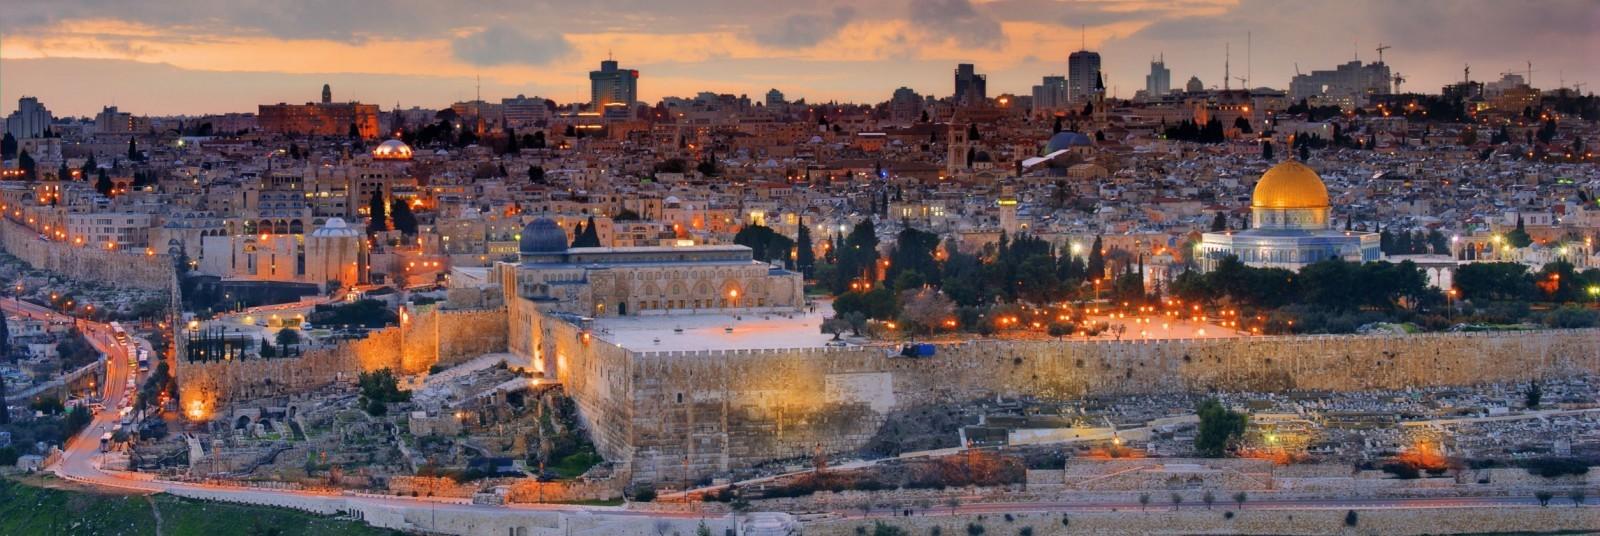 Putovanje u Izrael i Palestinu